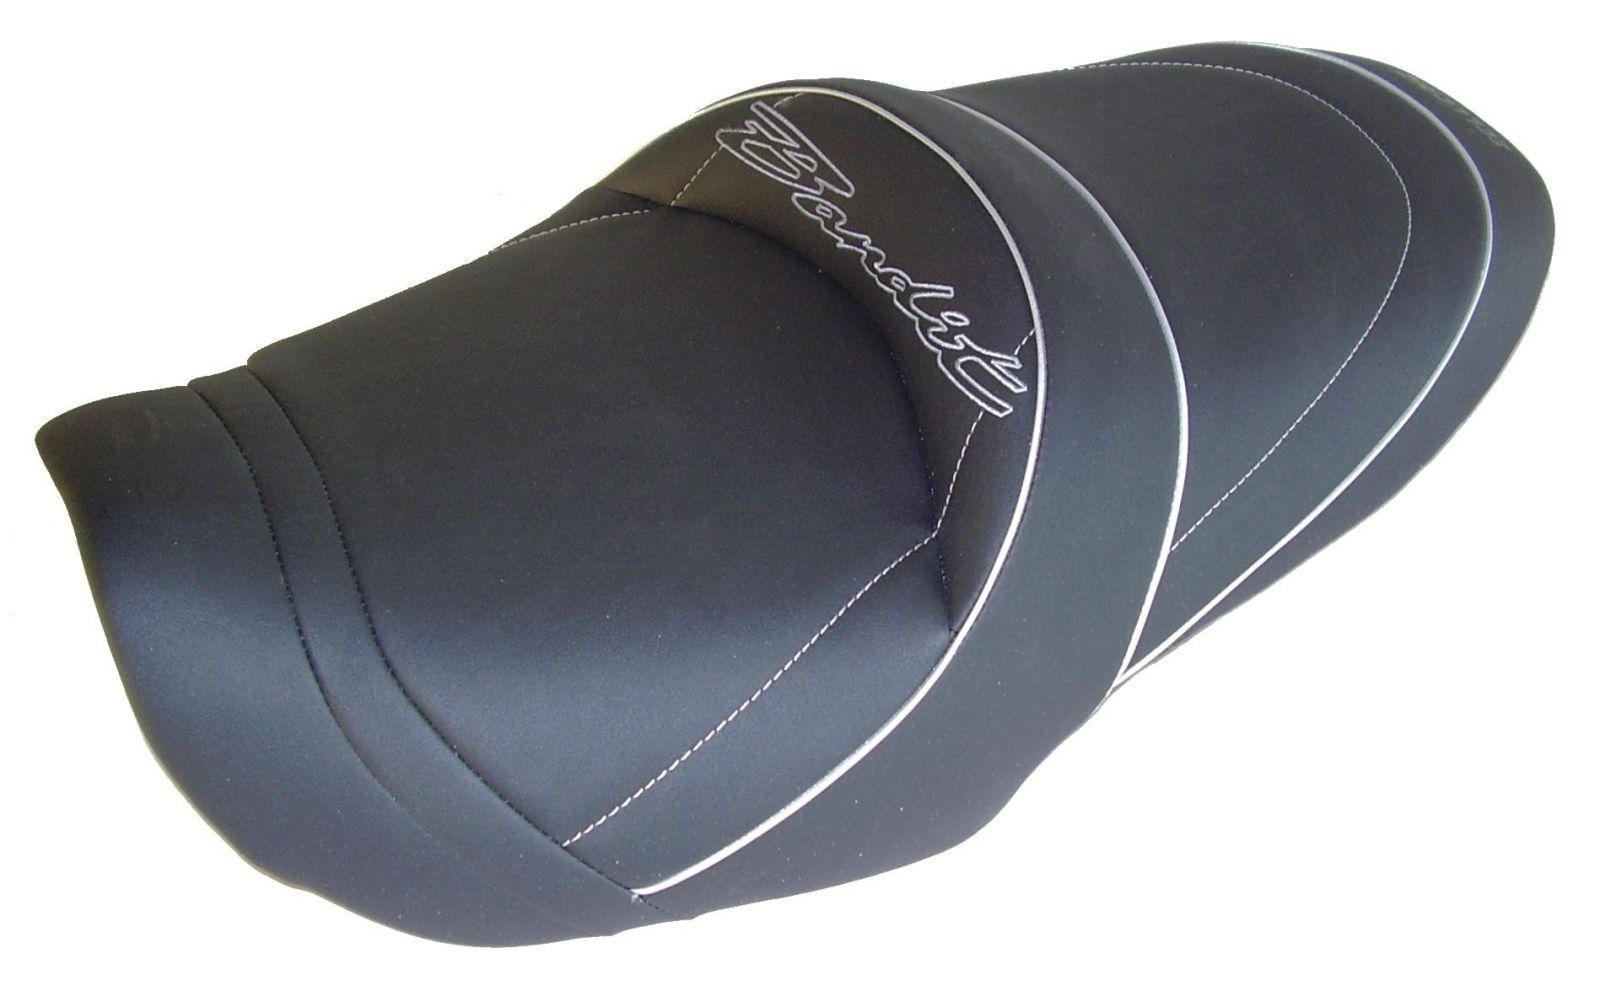 Deluxe zadel SGC1207 - SUZUKI BANDIT 600 [1995-1999]